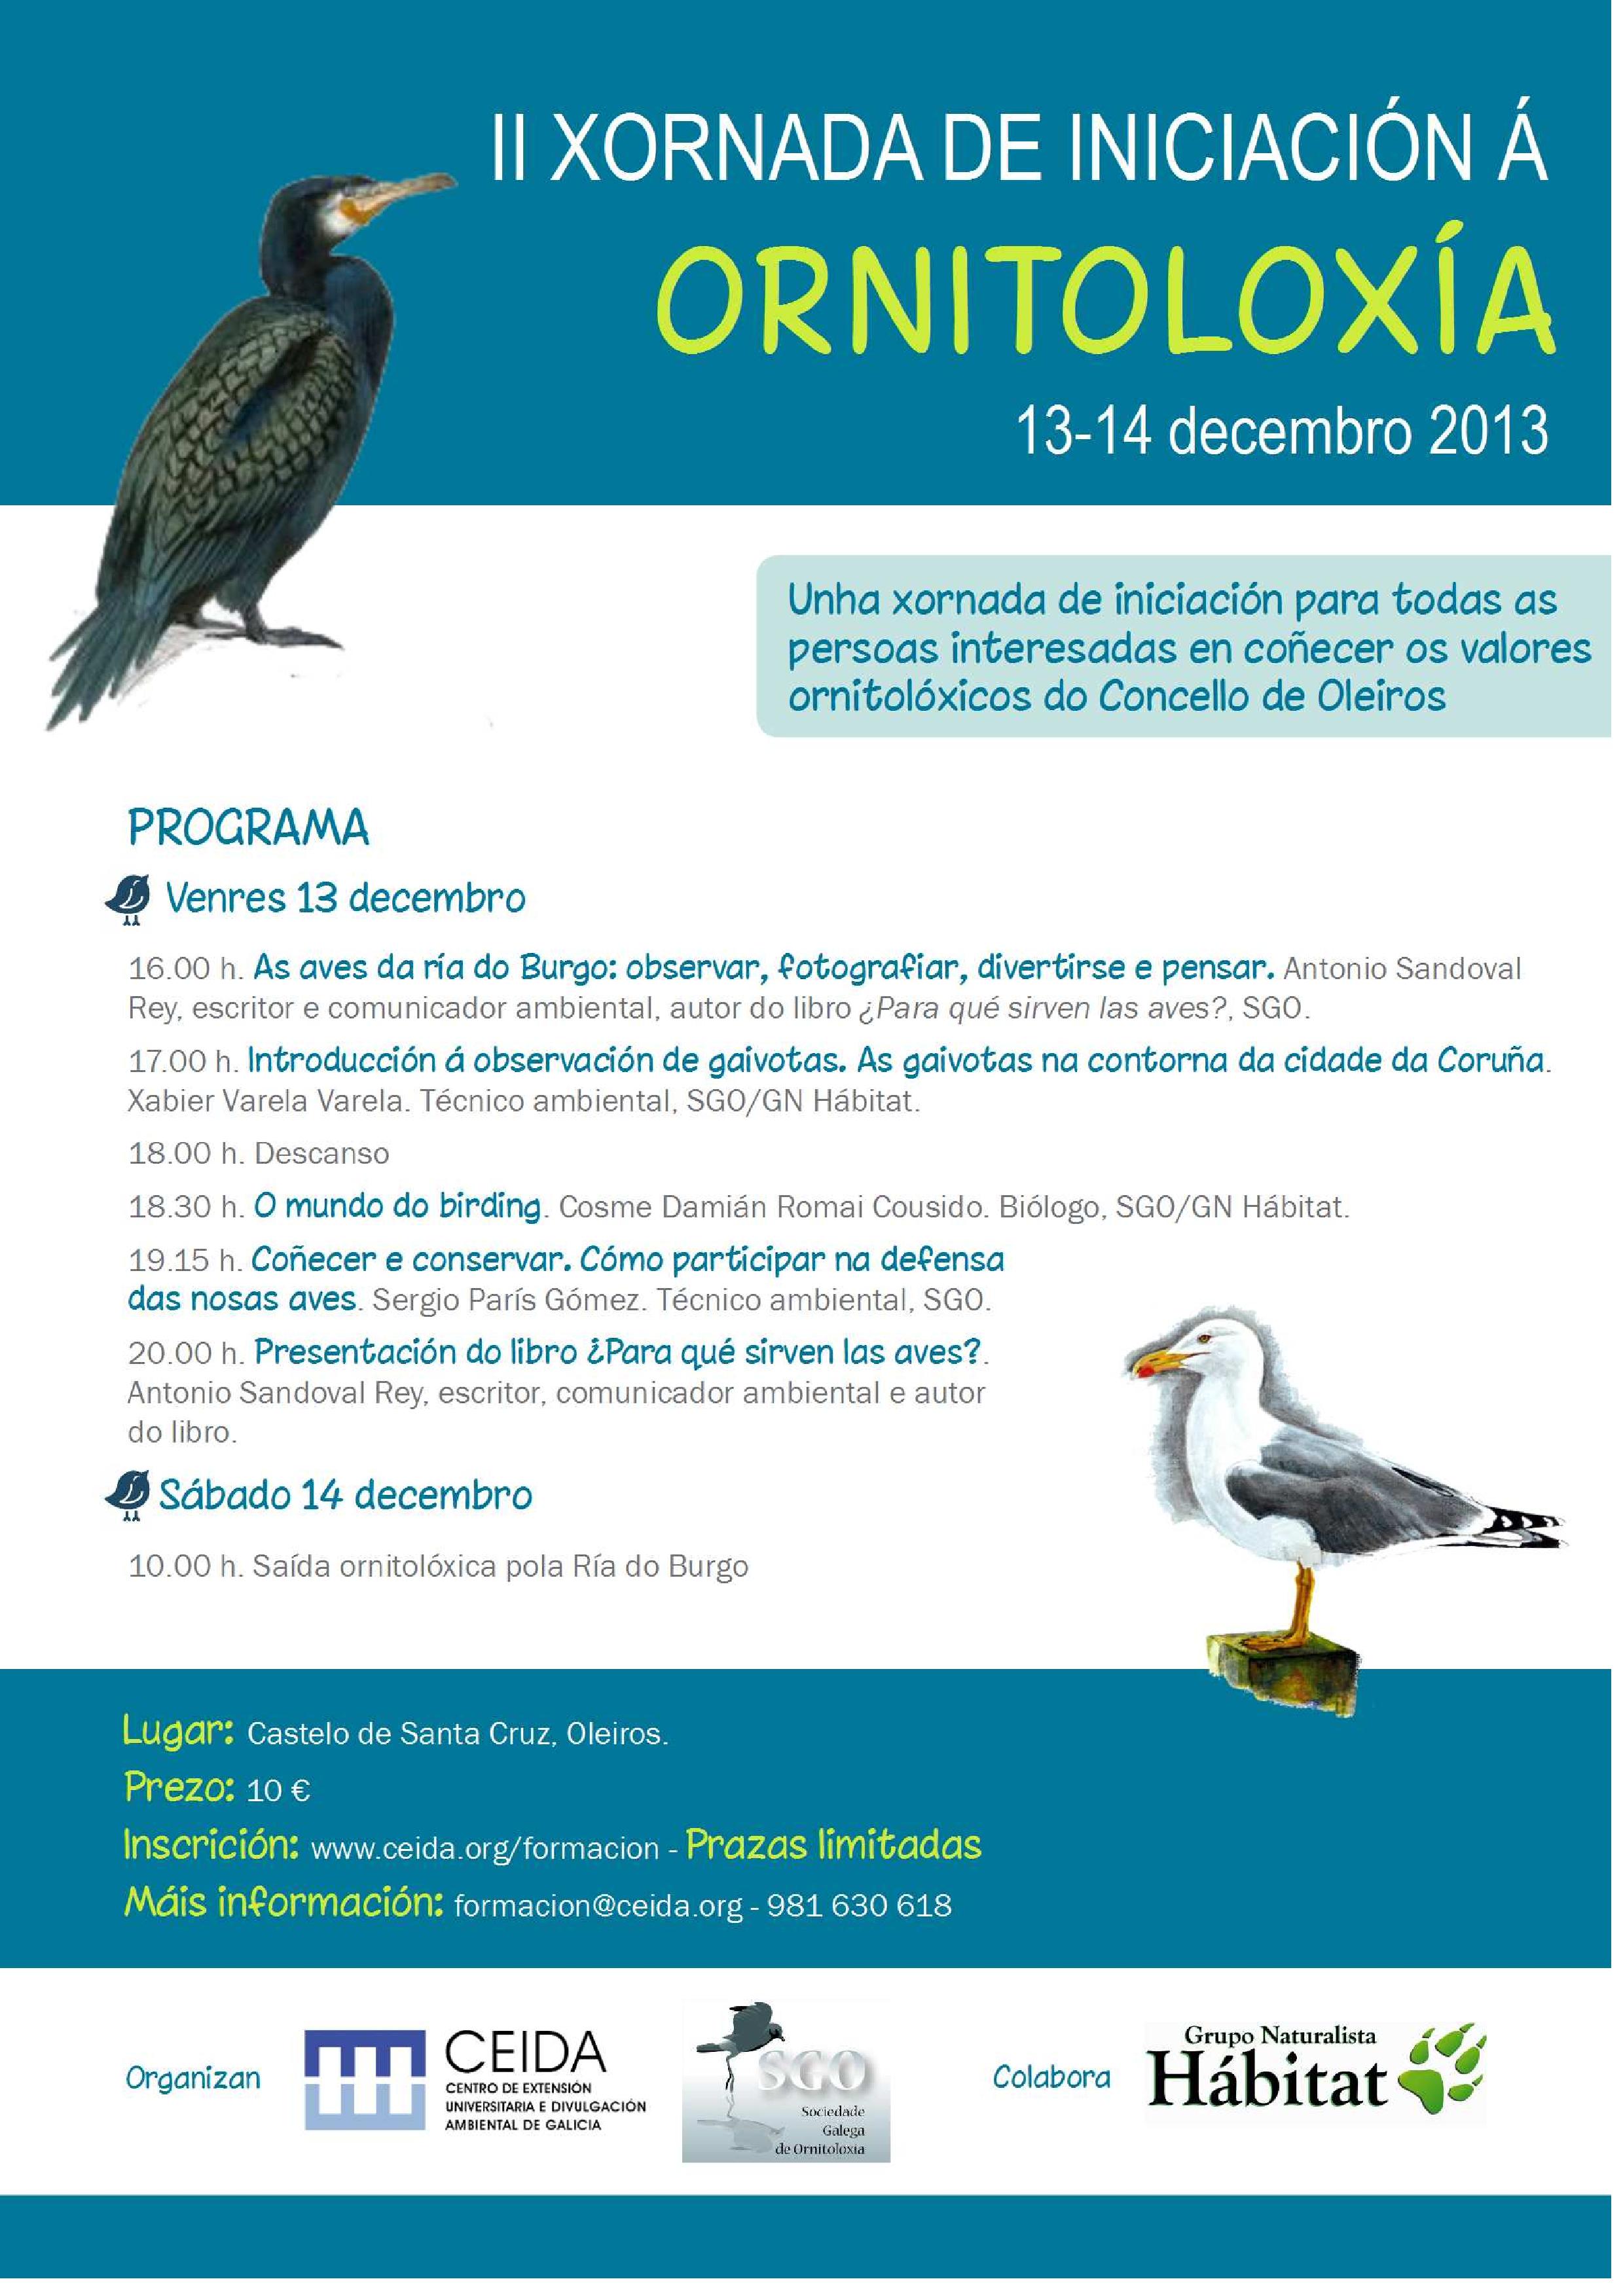 II Xornada de Iniciación á Ornitoloxía